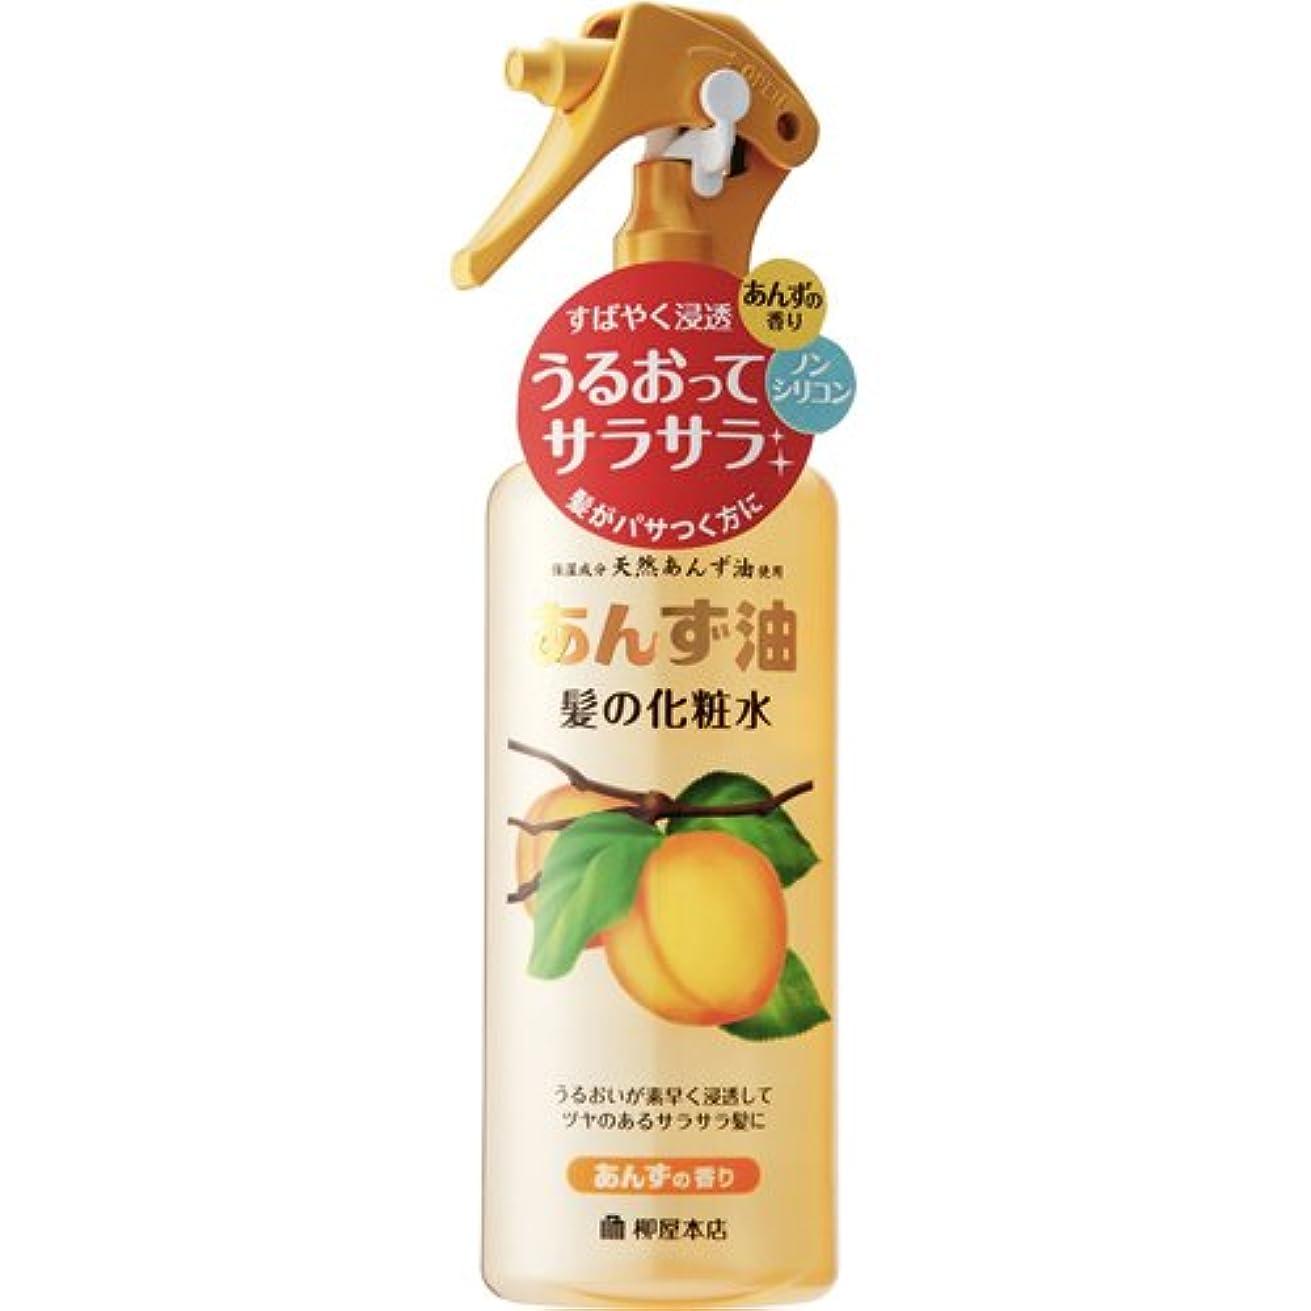 ビタミン外観叙情的な柳屋 あんず油 髪の化粧水 170ml